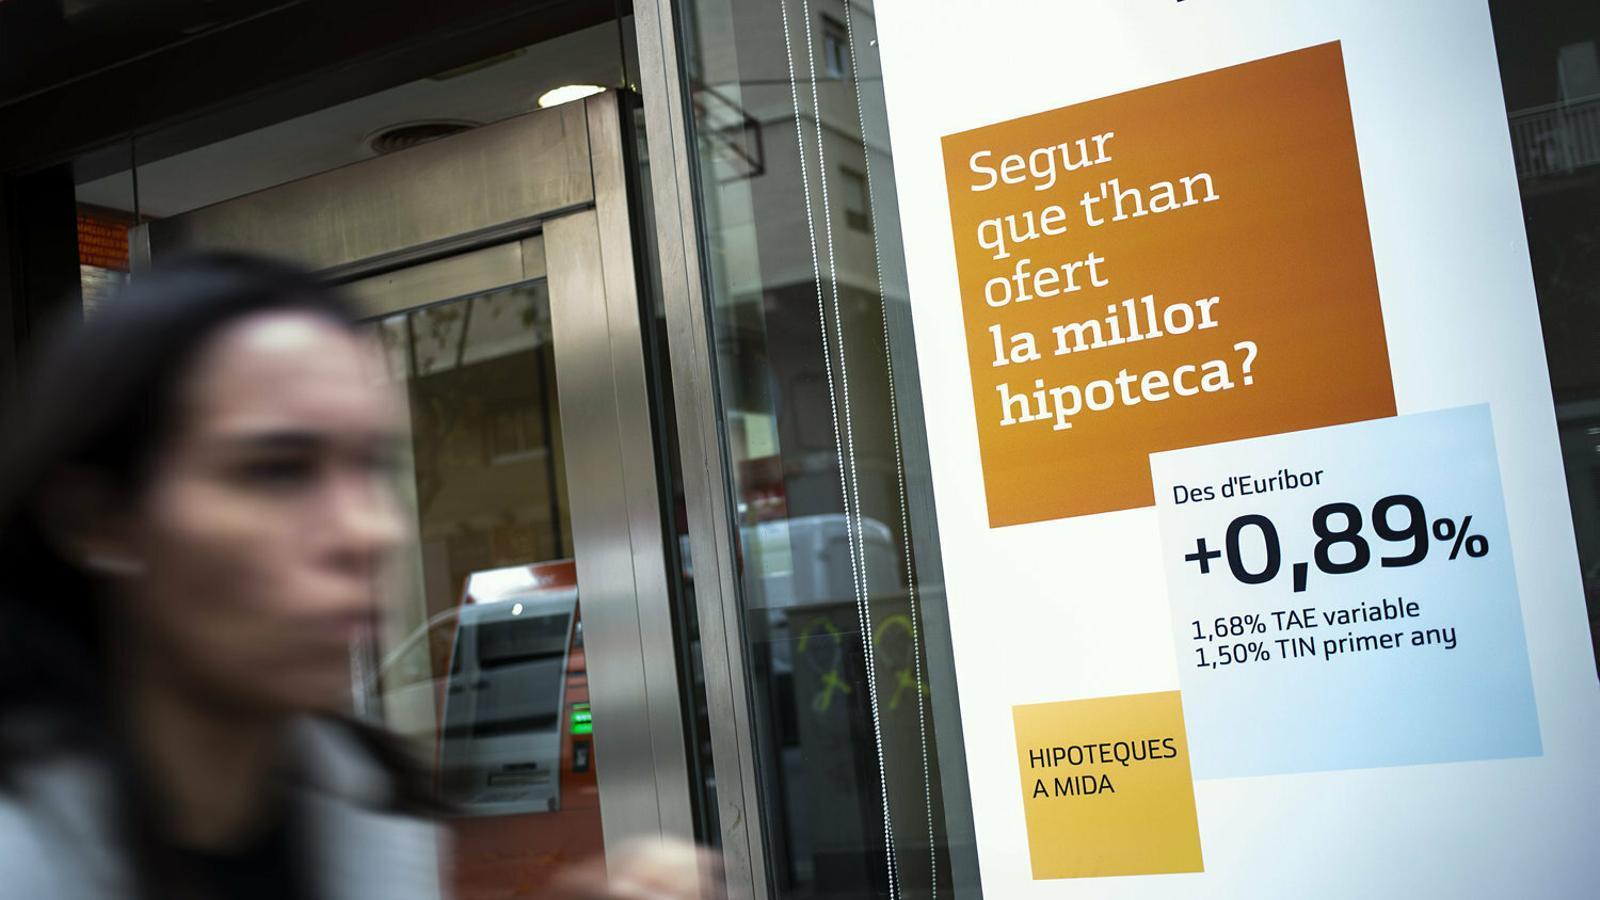 La nova llei hipotecària estableix com s'han de repartir les despeses entre el banc i el client.